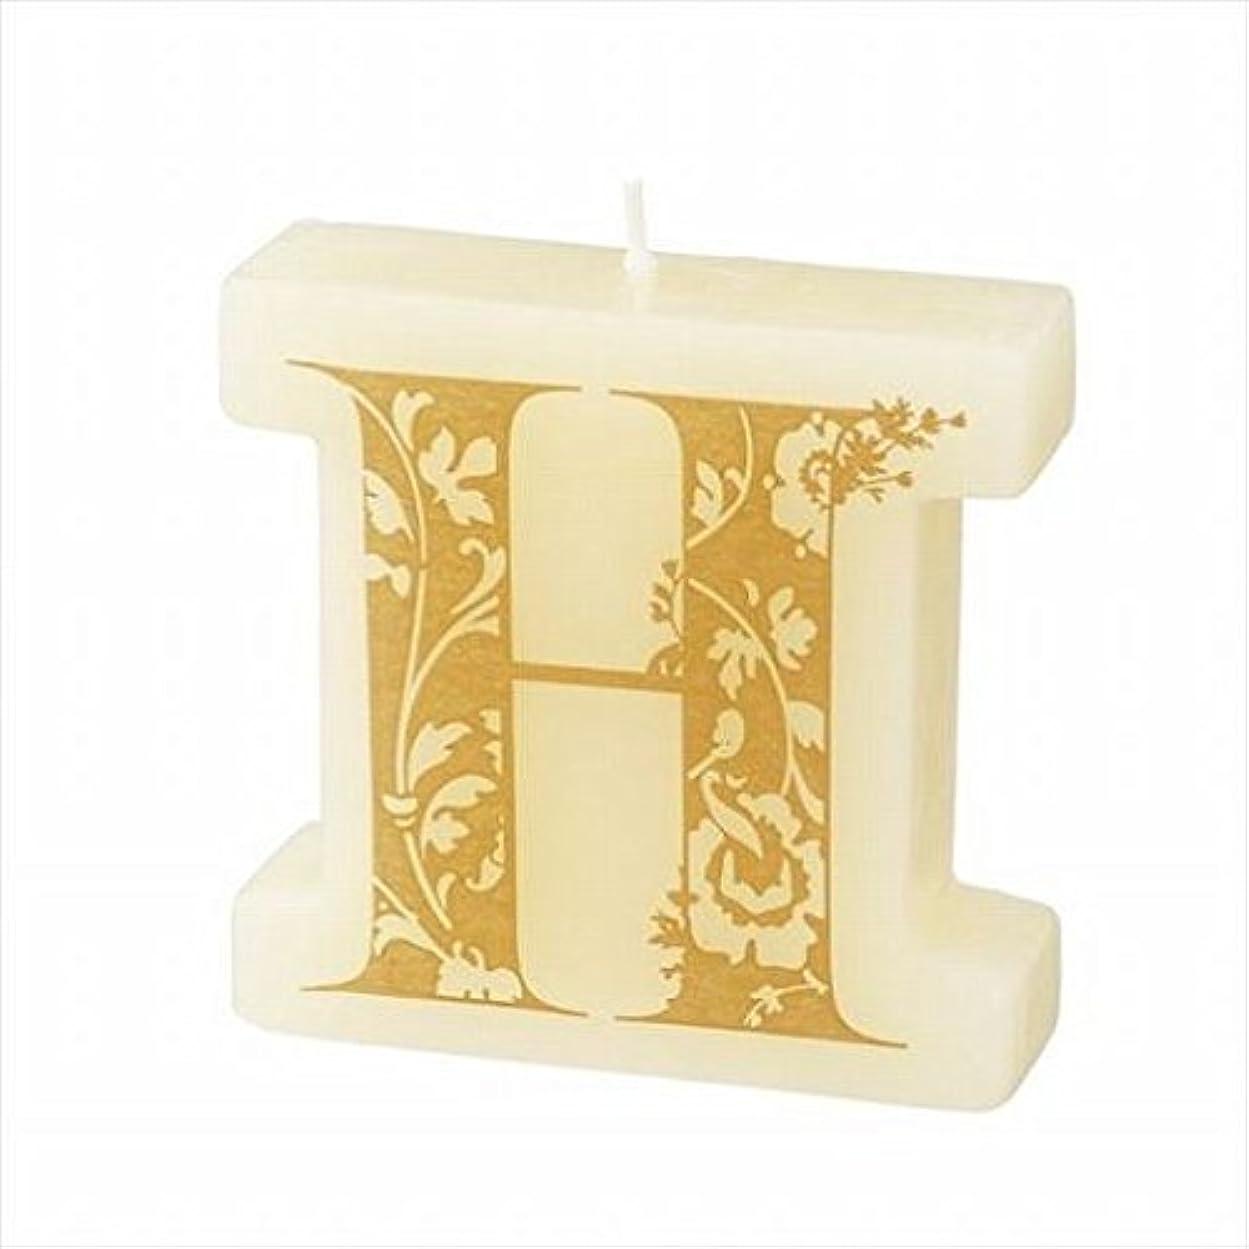 年良性ピアカメヤマキャンドル(kameyama candle) イニシャルキャンドルミニ 「 H 」